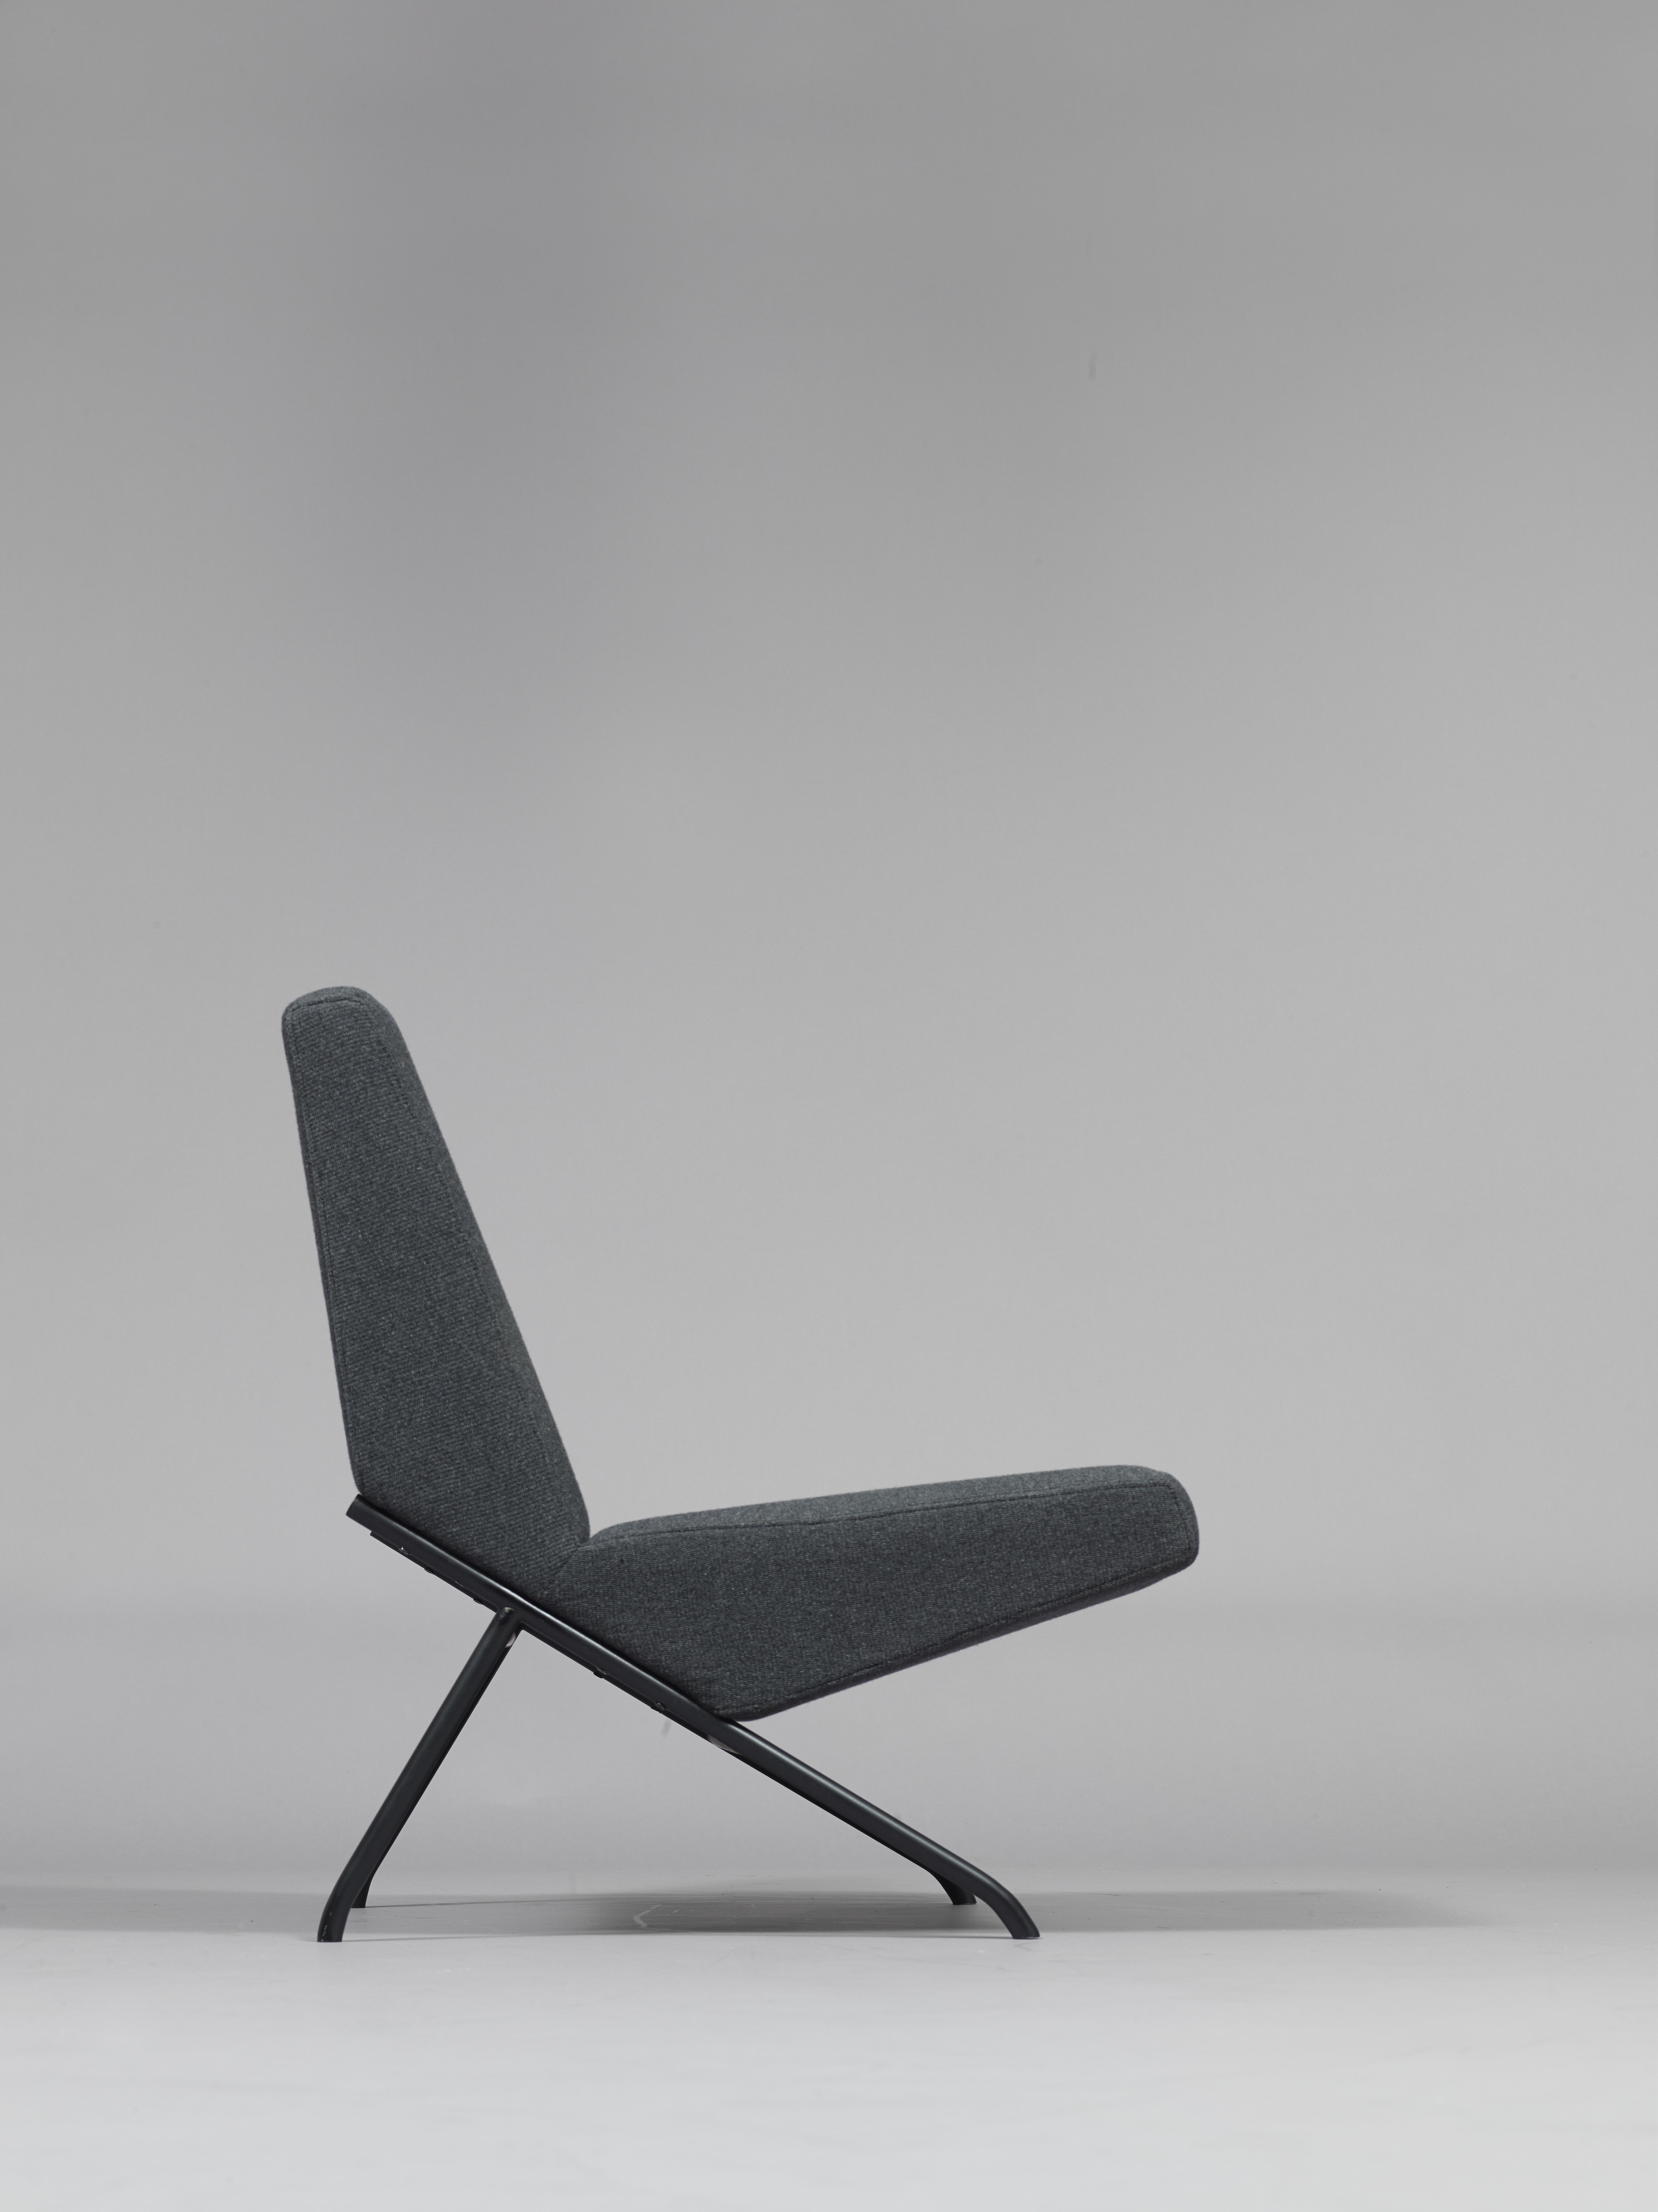 Design fran ais architectural minimaliste expos la for Design francais